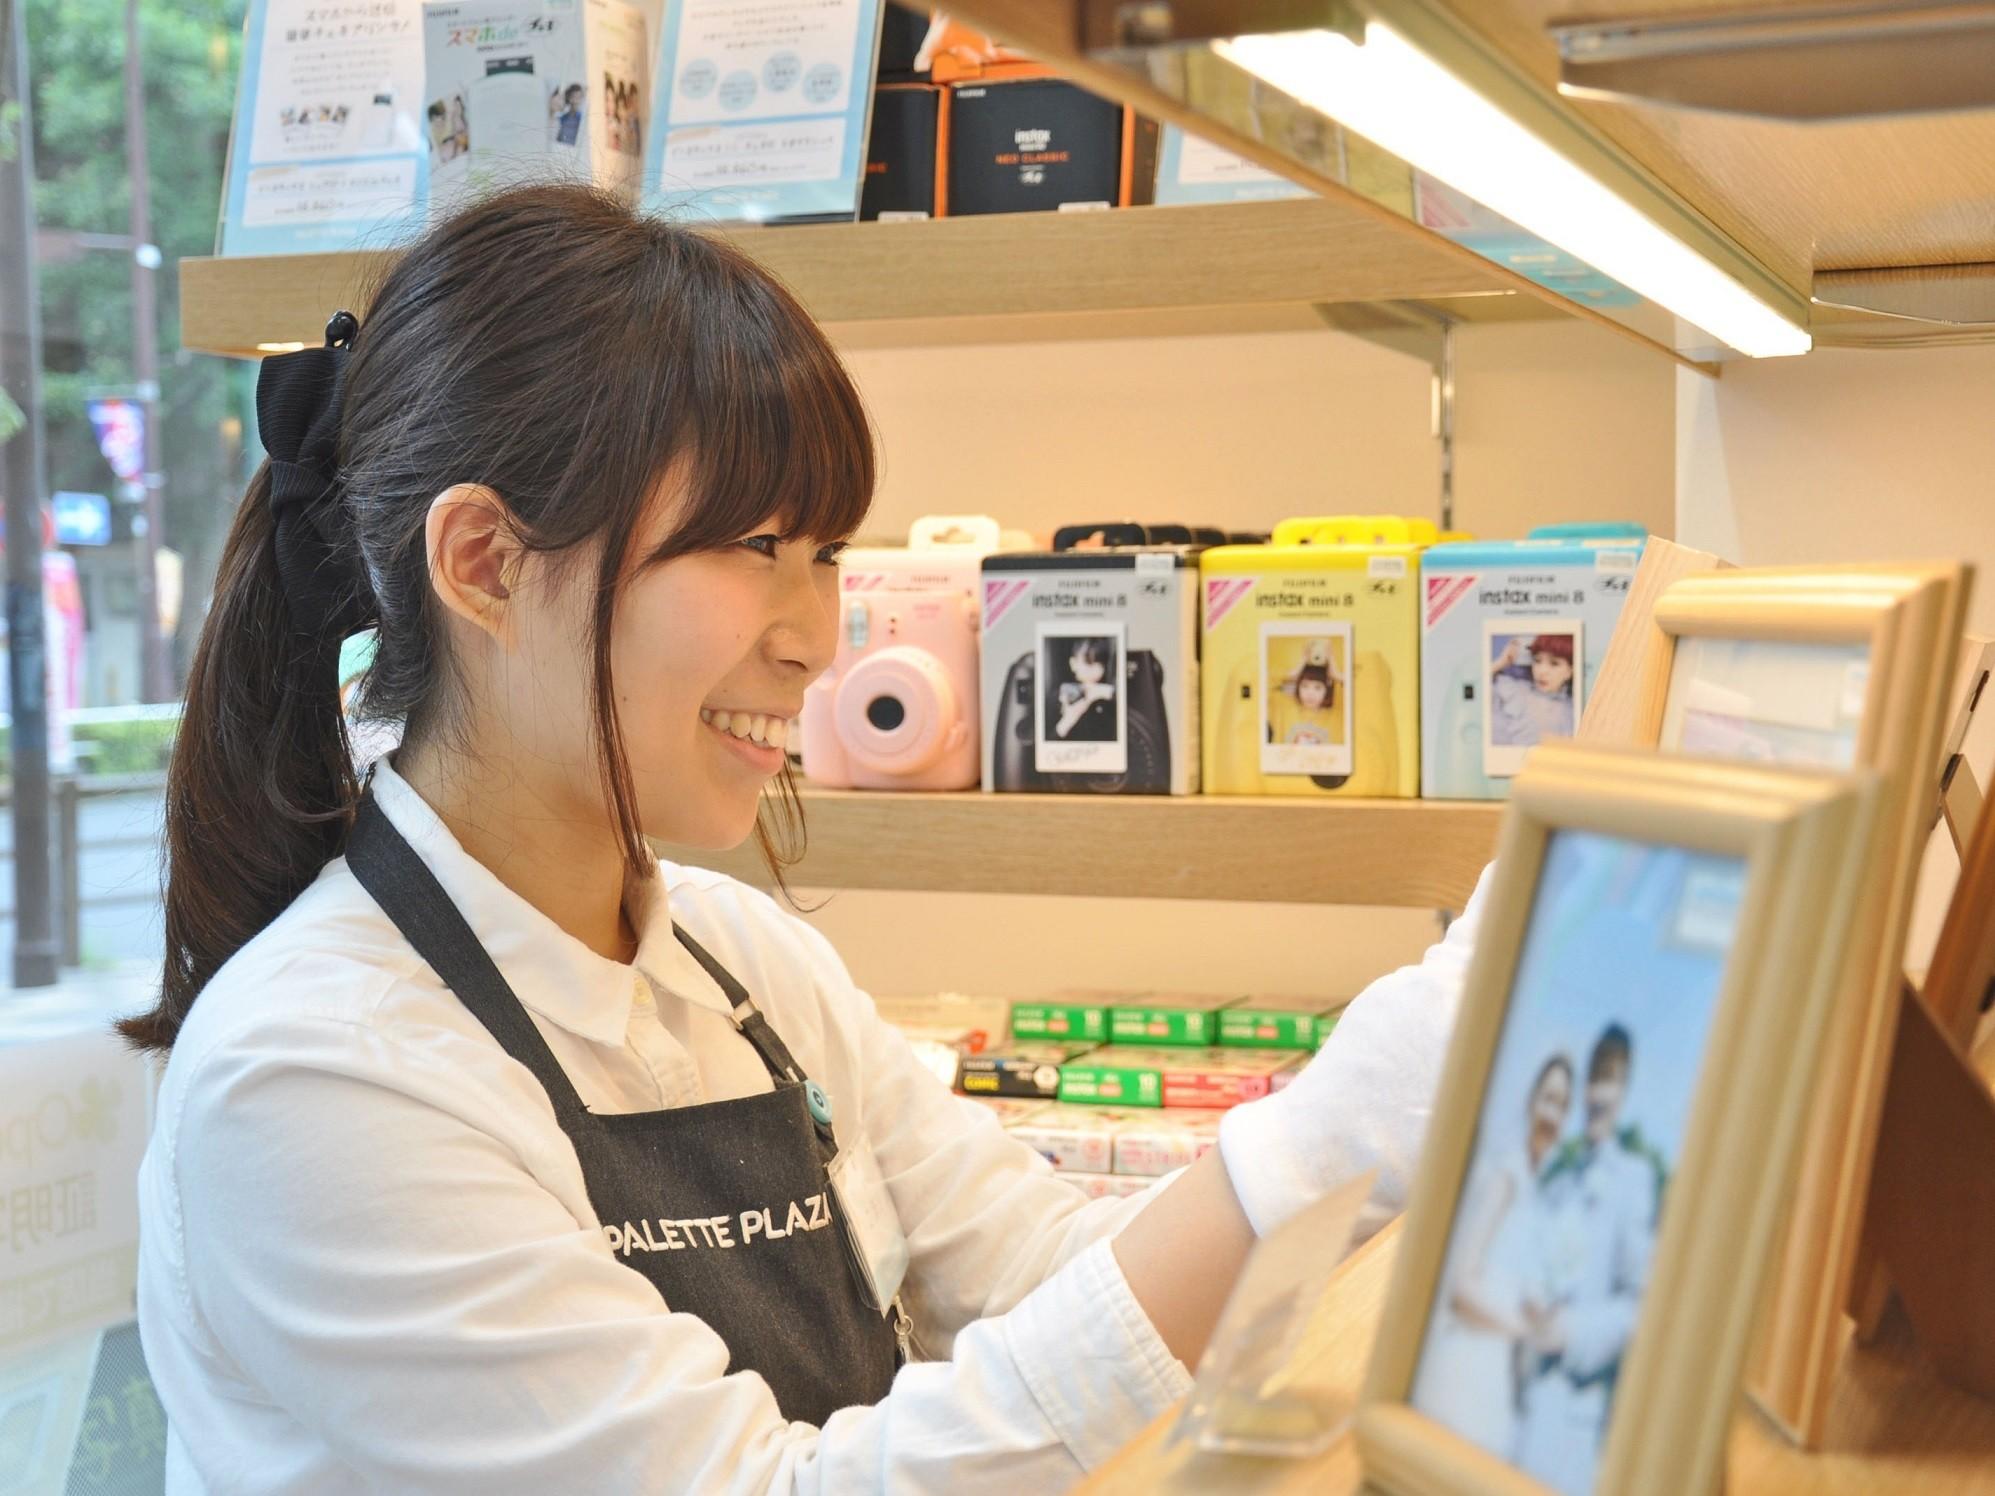 パレットプラザ 小田急相模原店 <短期募集> のアルバイト情報